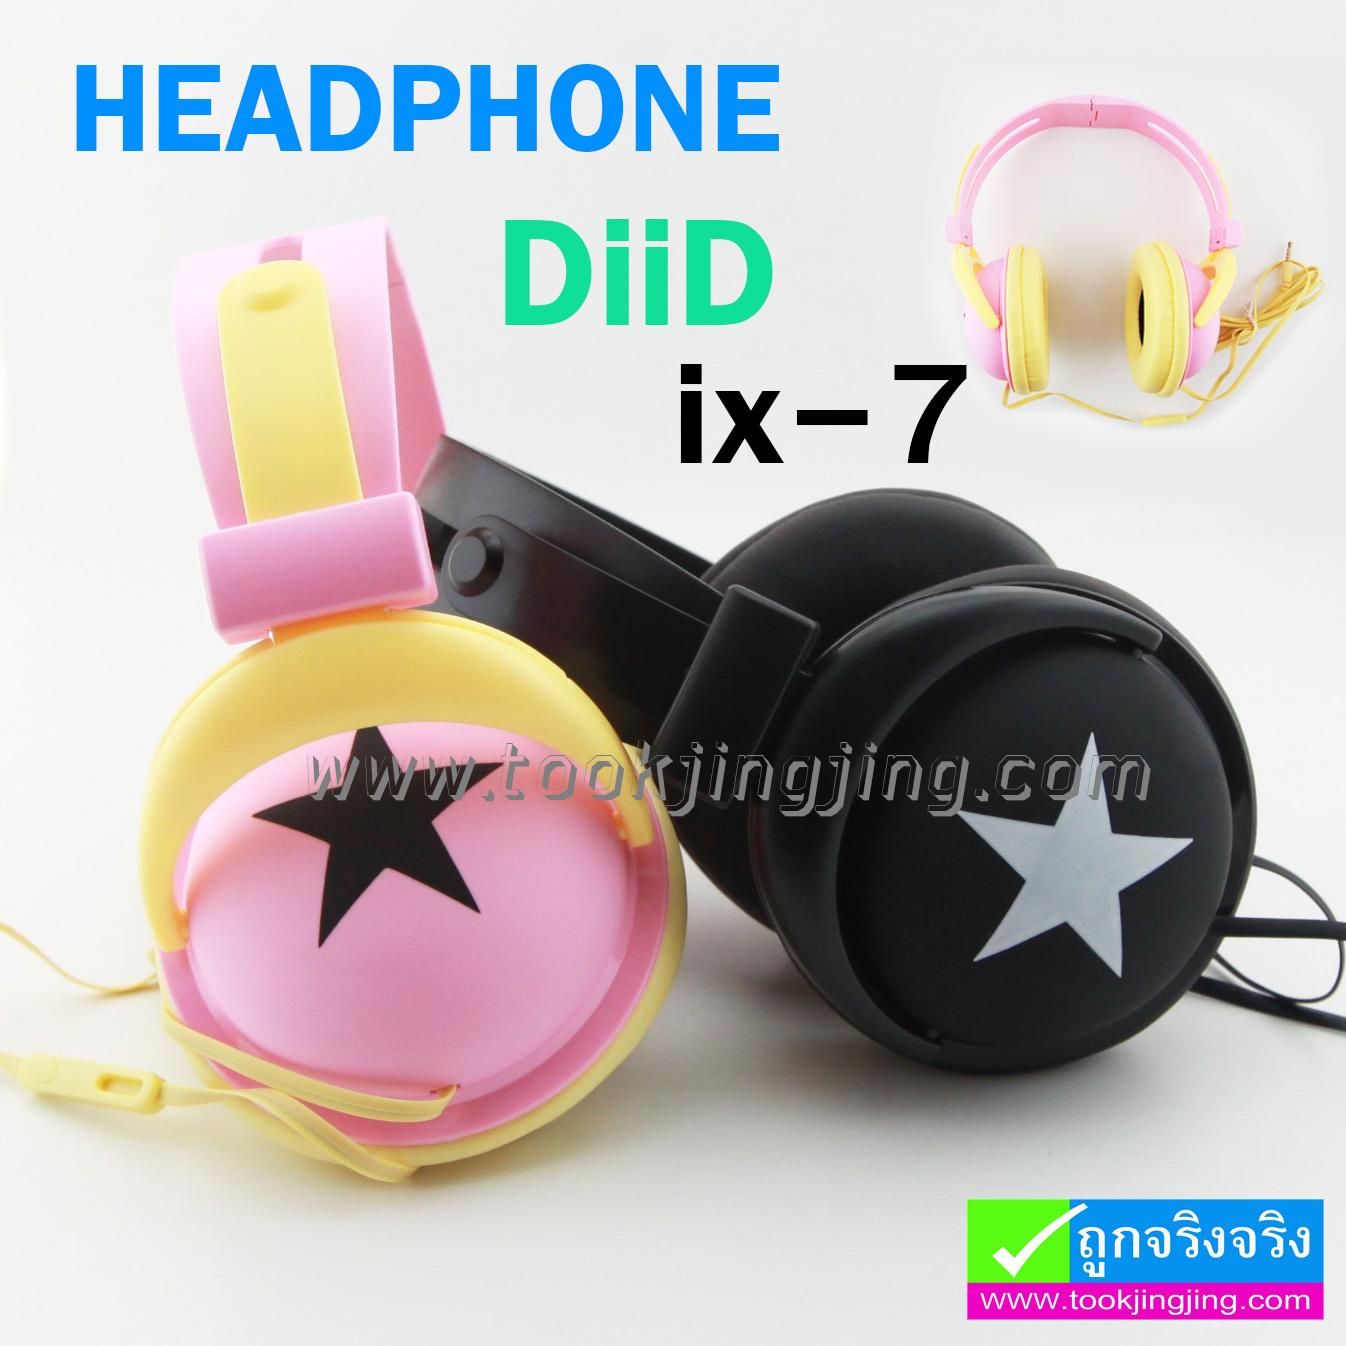 หูฟัง DiiD Headphone รุ่น IX-7 ราคา 200 บาท ปกติ 500 บาท